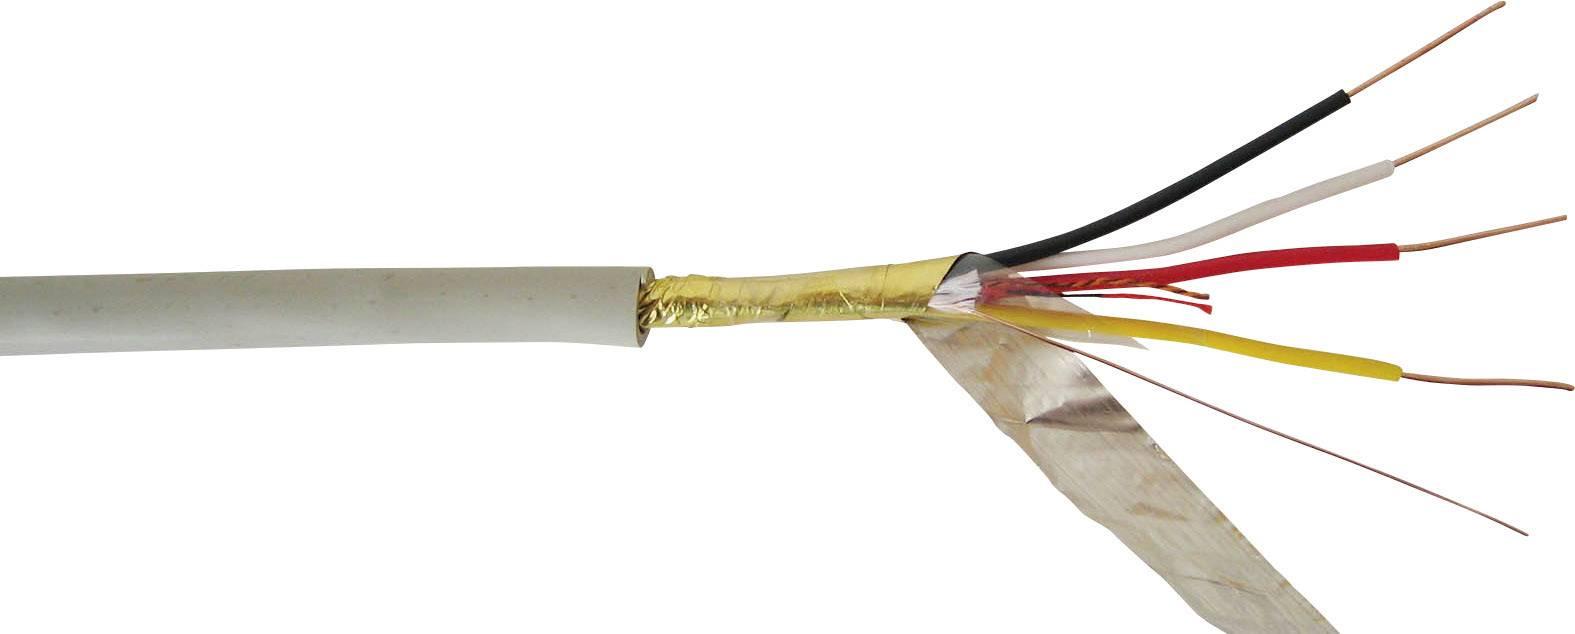 Telefonní kabel J-Y(ST)Y VOKA Kabelwerk 100819-00, 6 x 2 x 0.60 mm, křemenová šedá (RAL 7032), metrové zboží